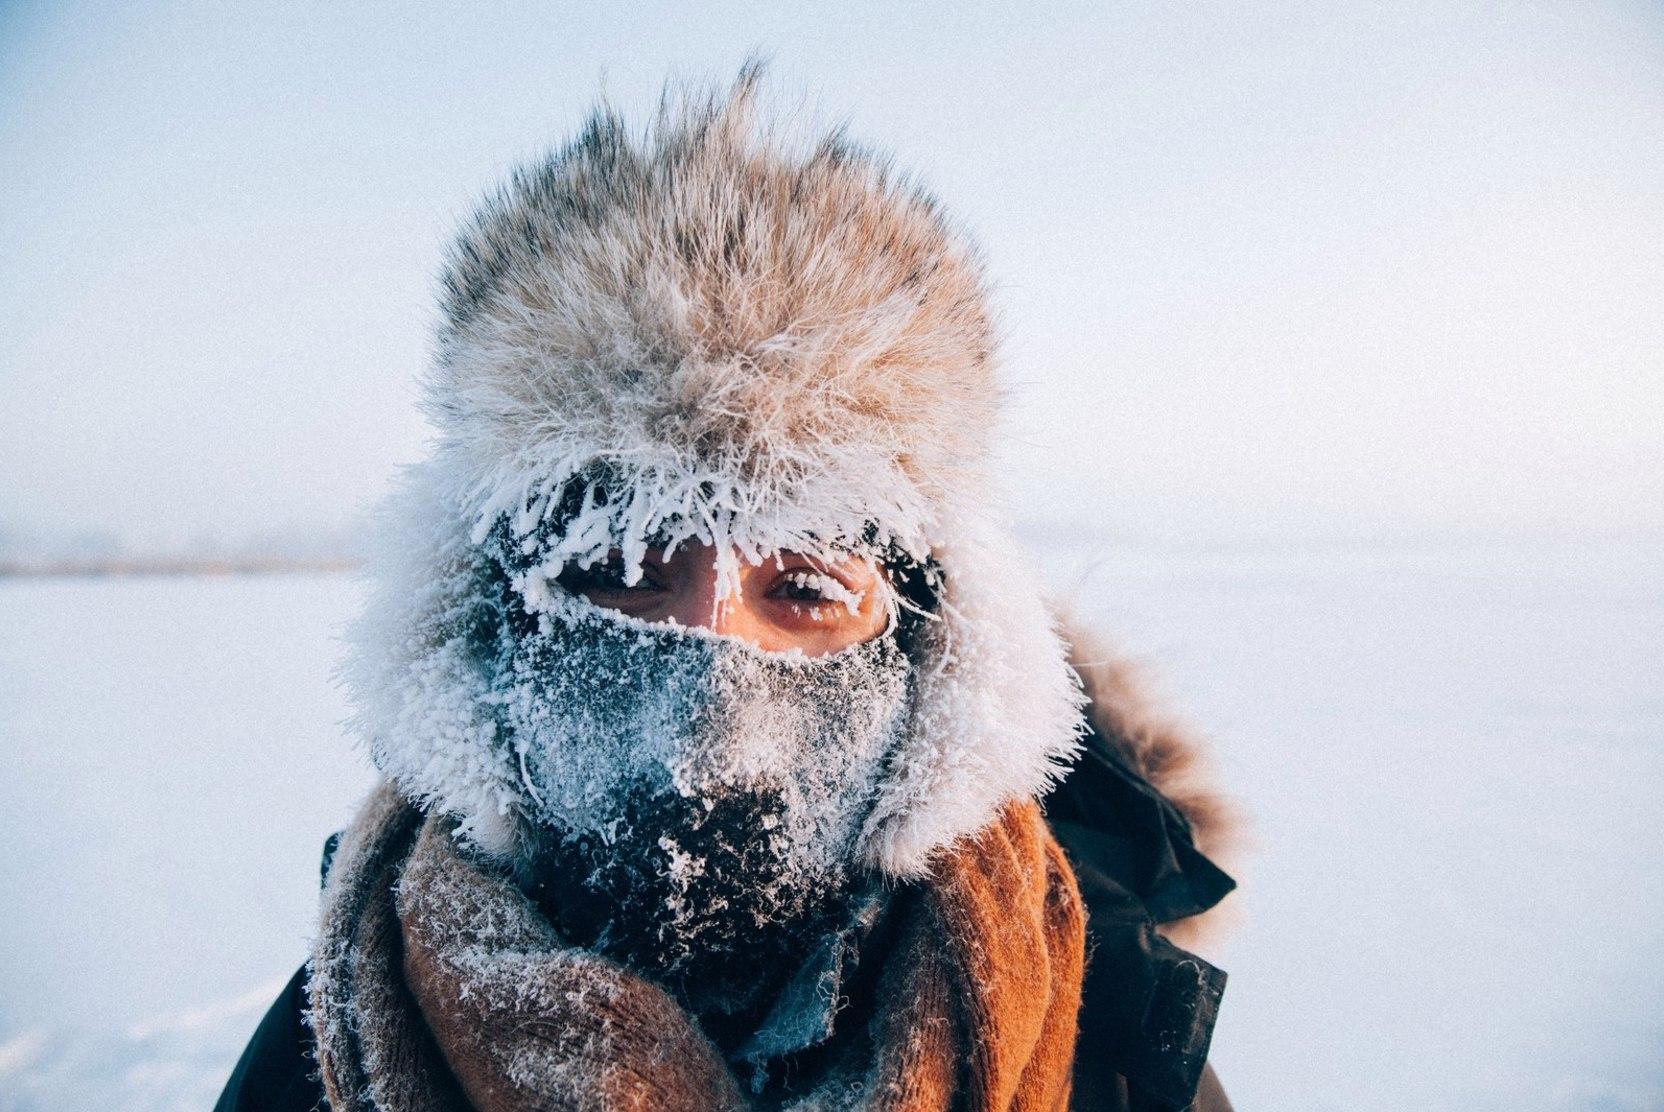 В Тверь идёт гололедица, а после - сильные морозы